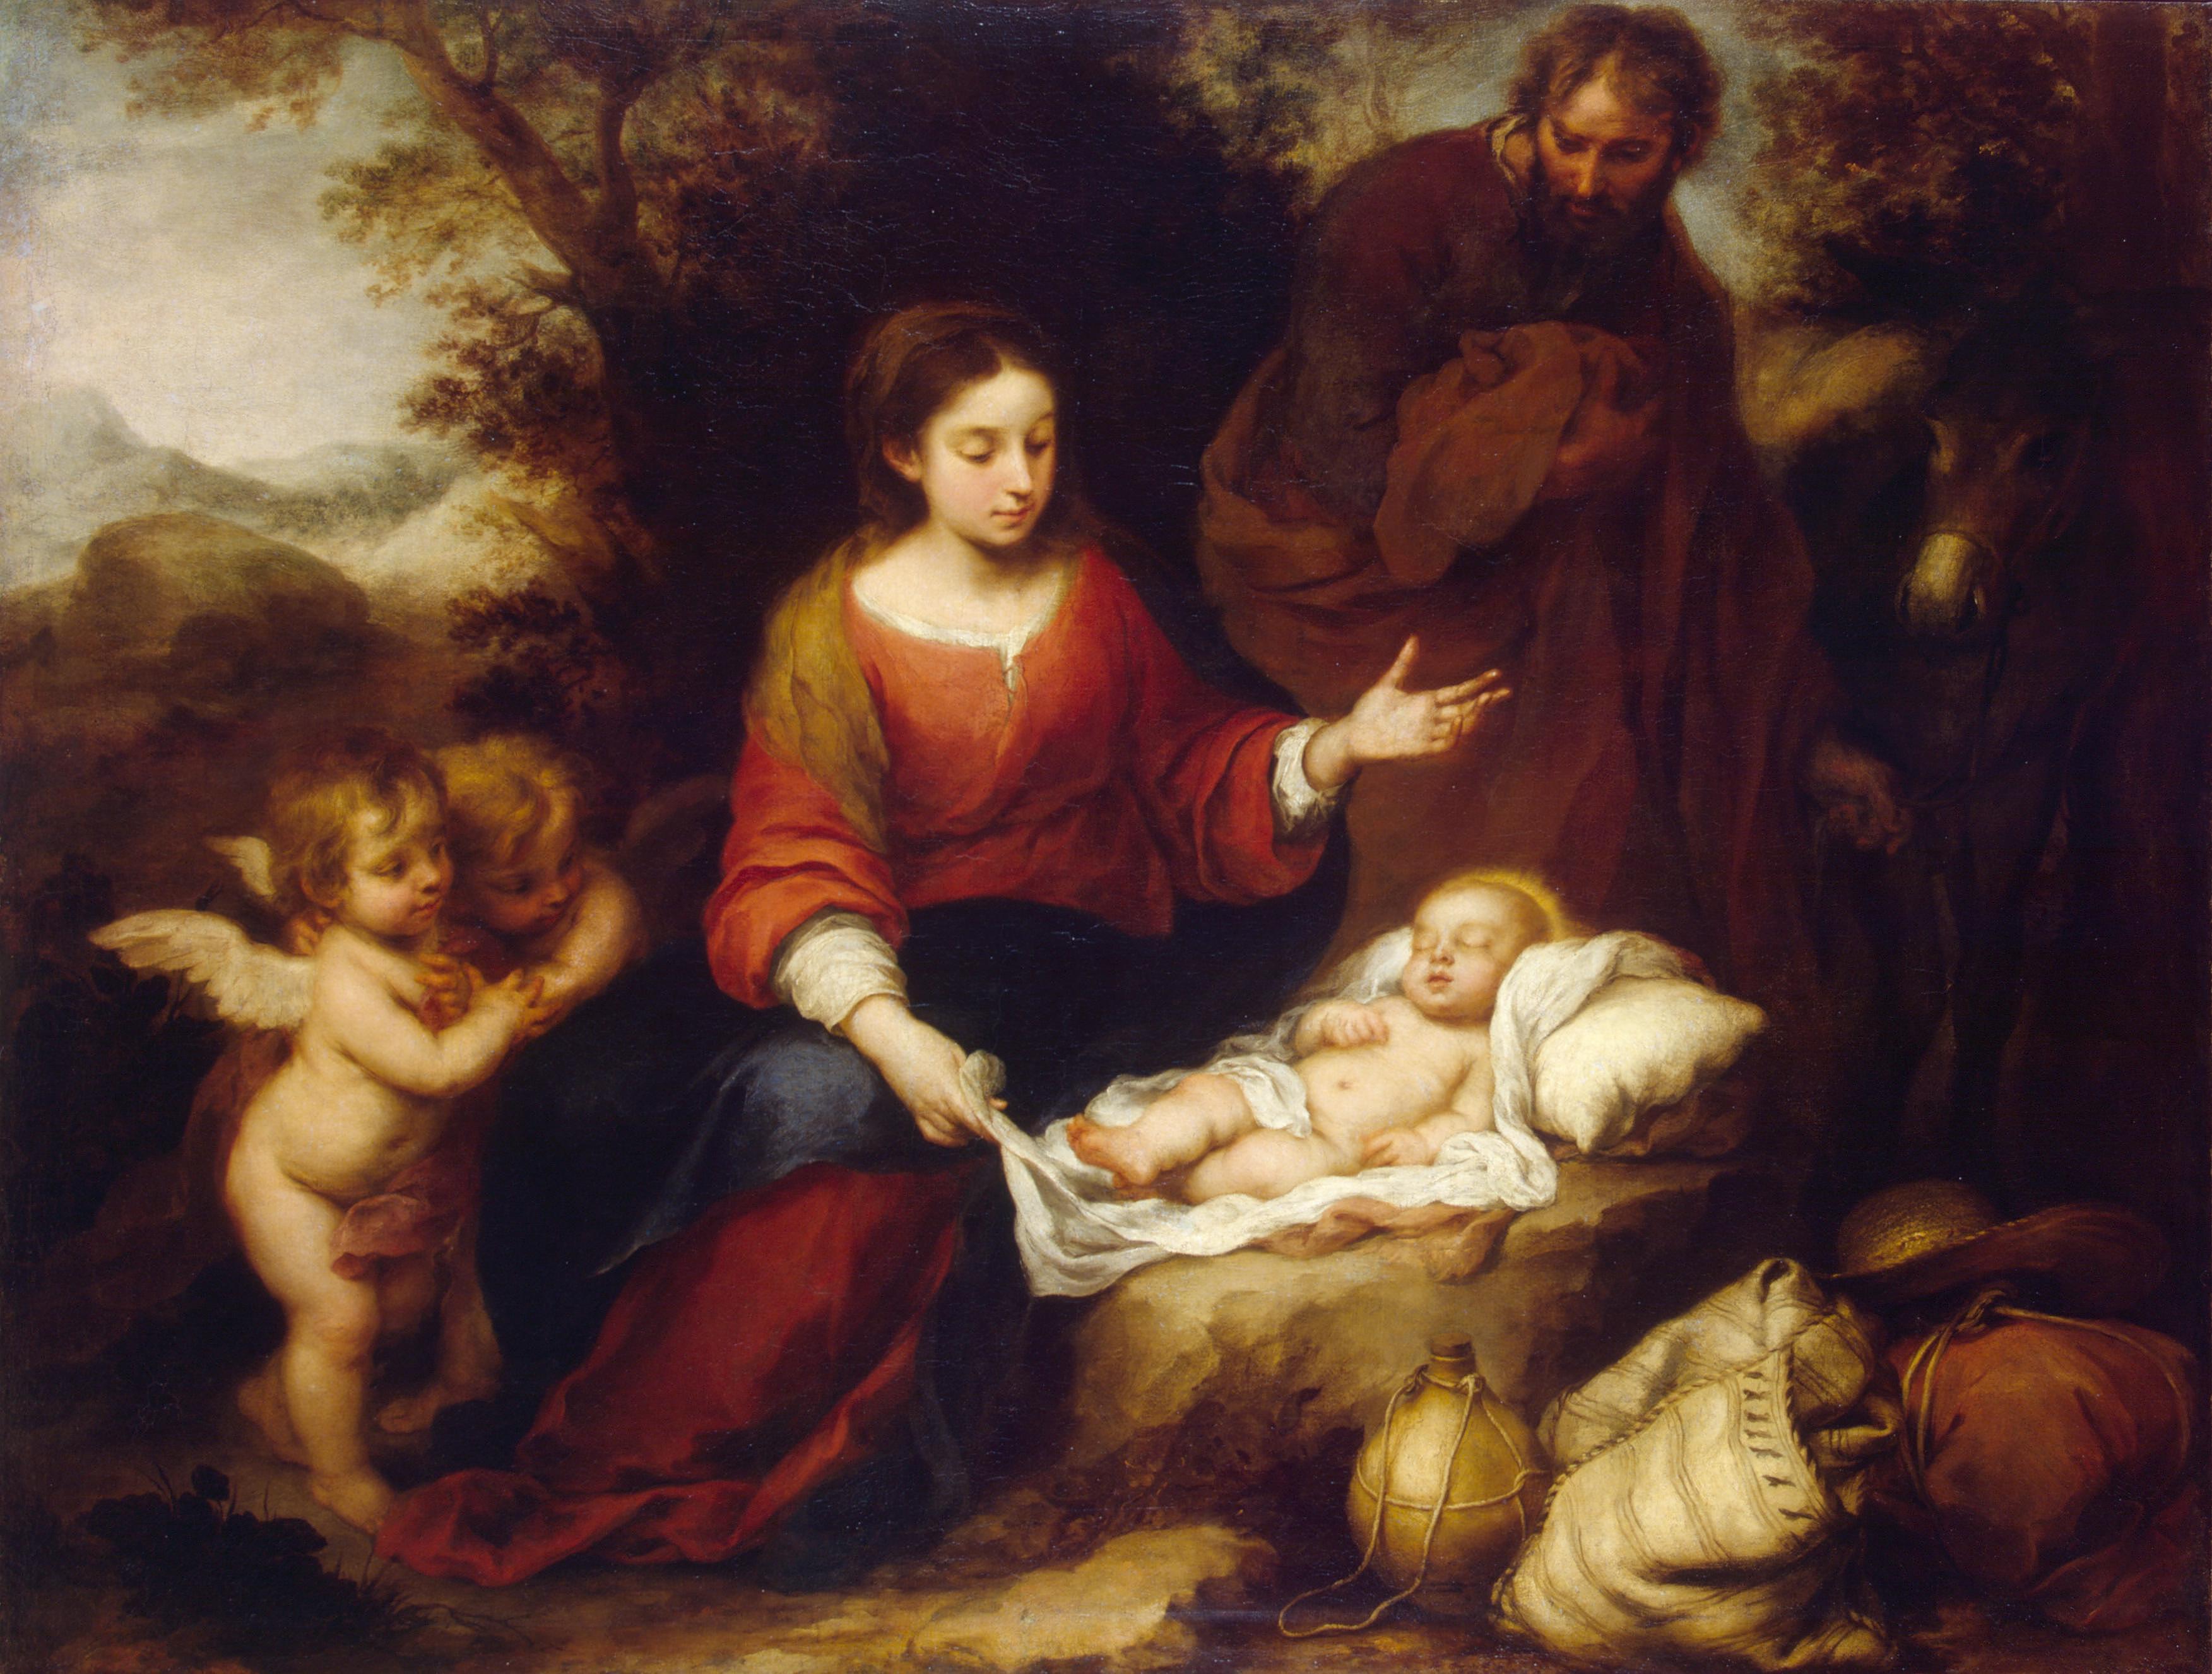 Отдых святого семейства на пути в Египет. Мурильо. Эрмитаж. 1665